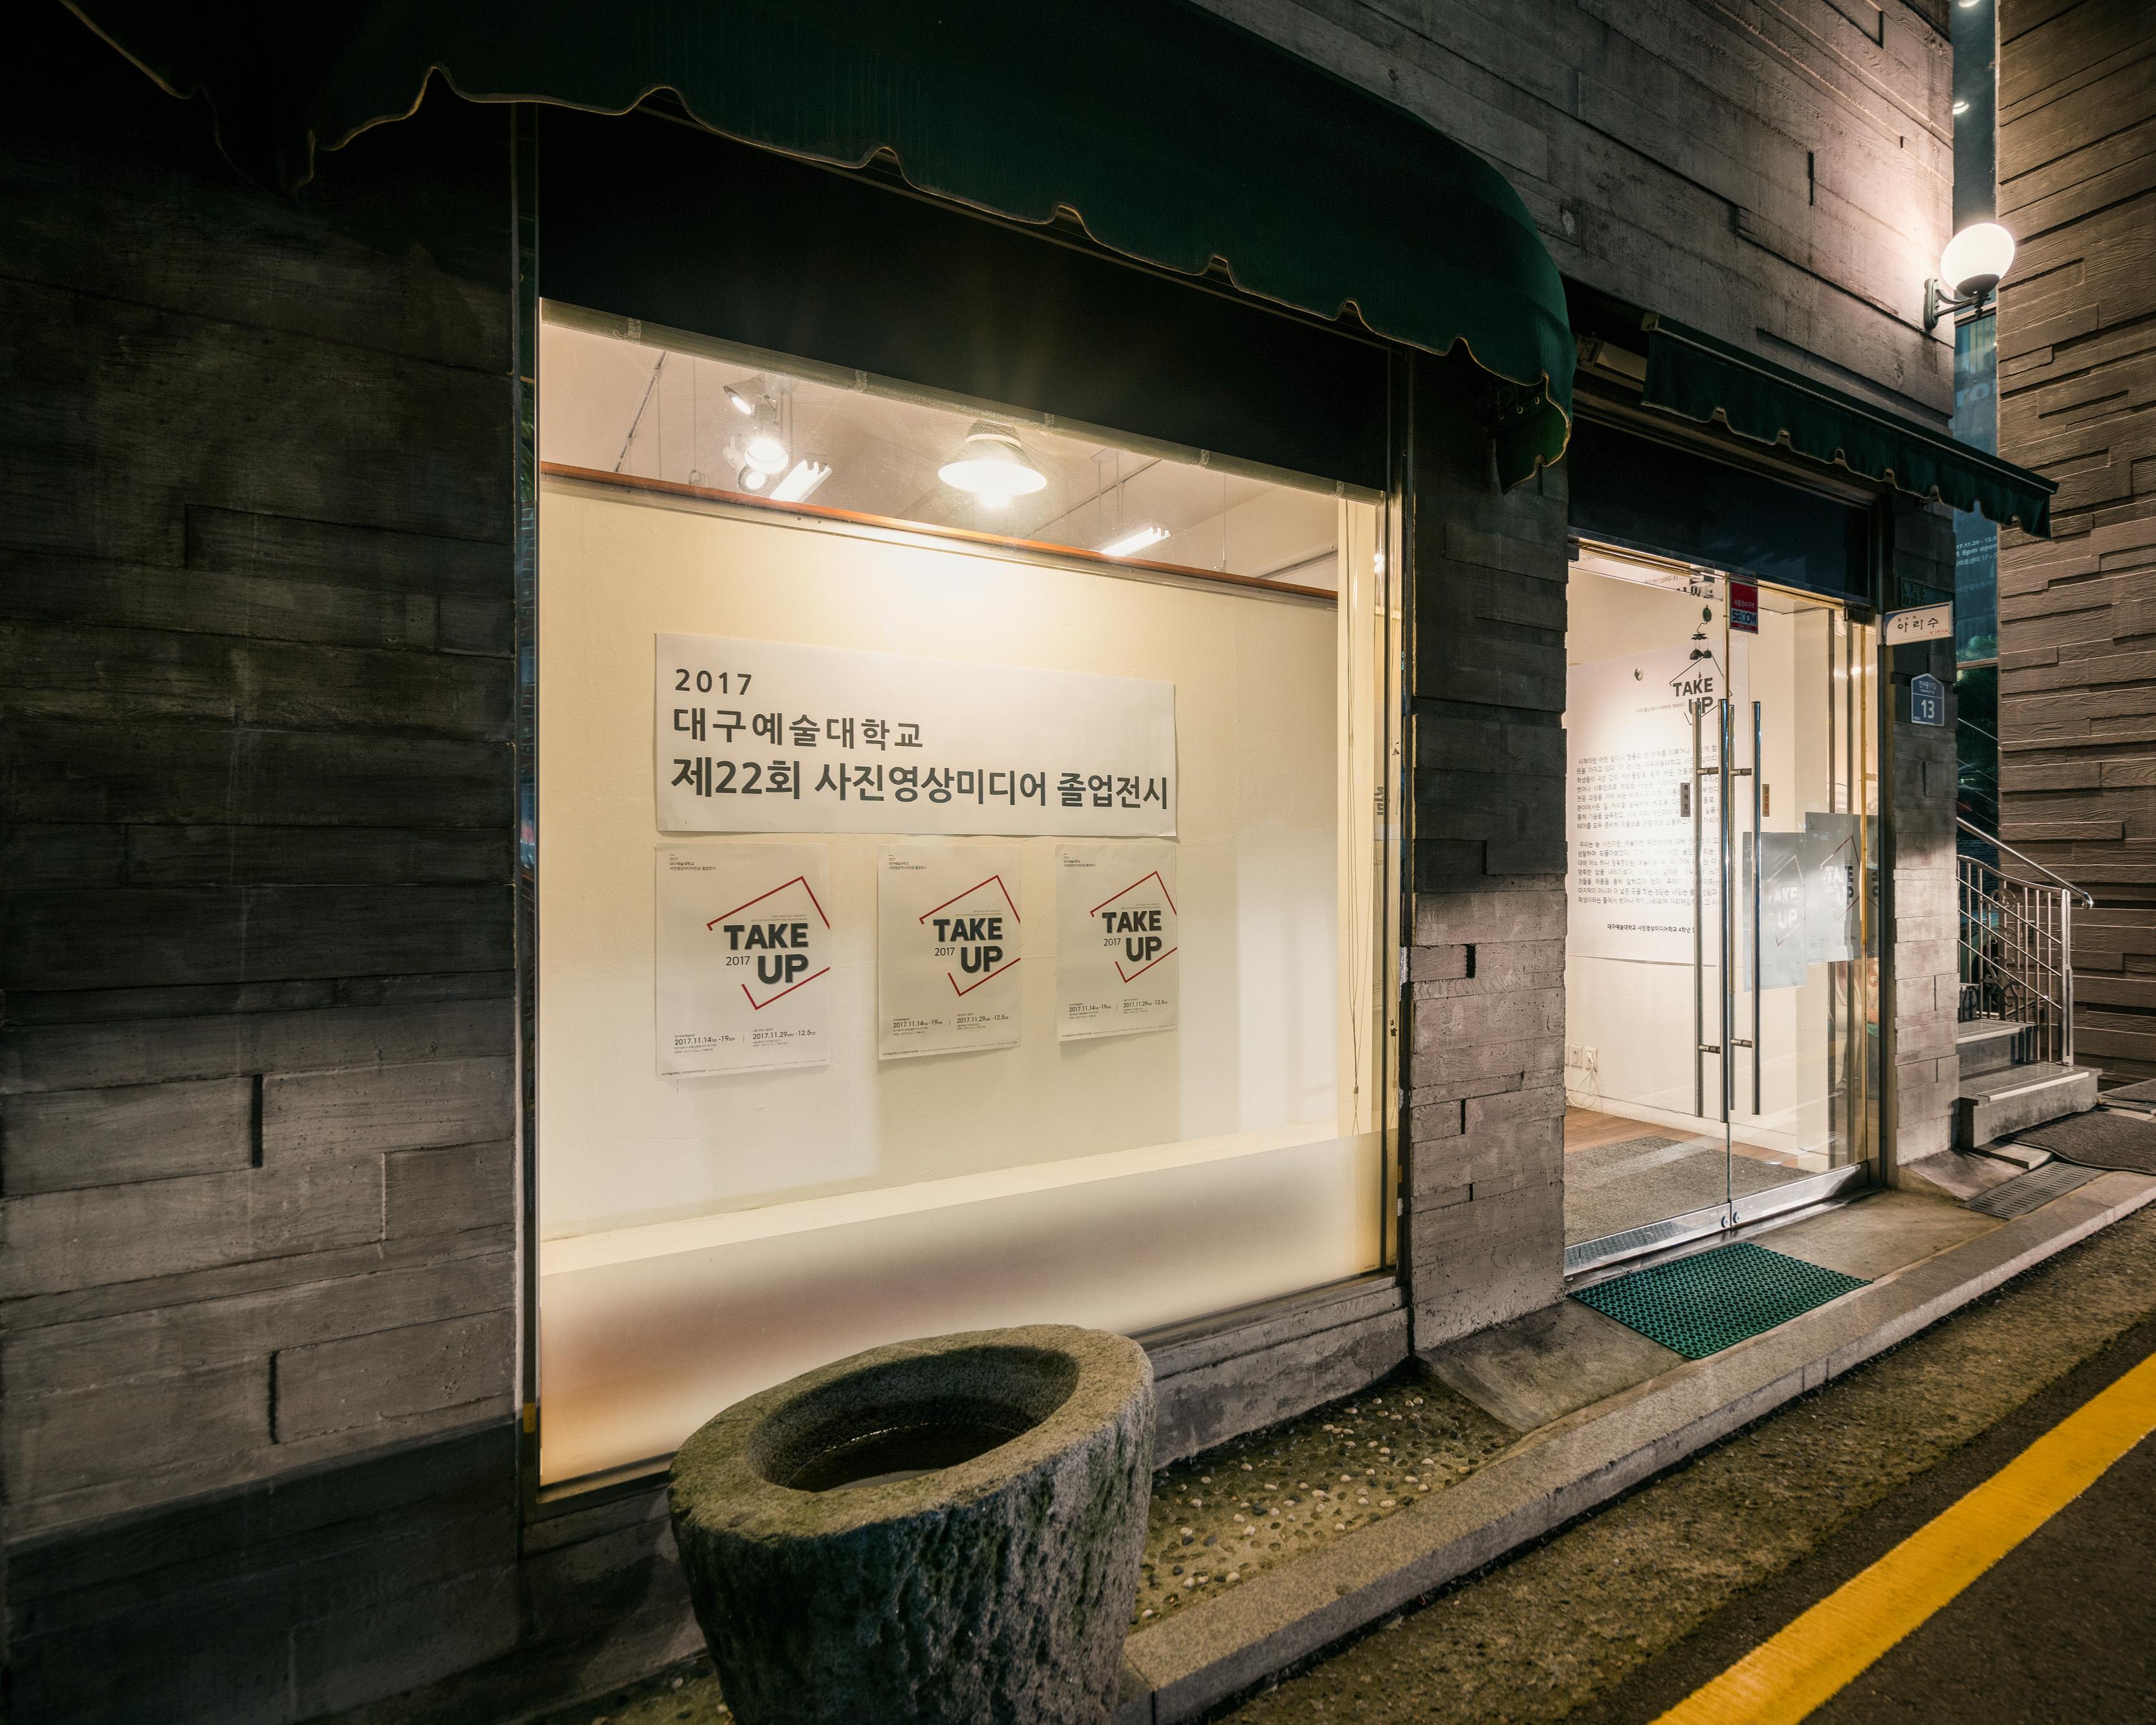 서울 아리수 갤러리 입구